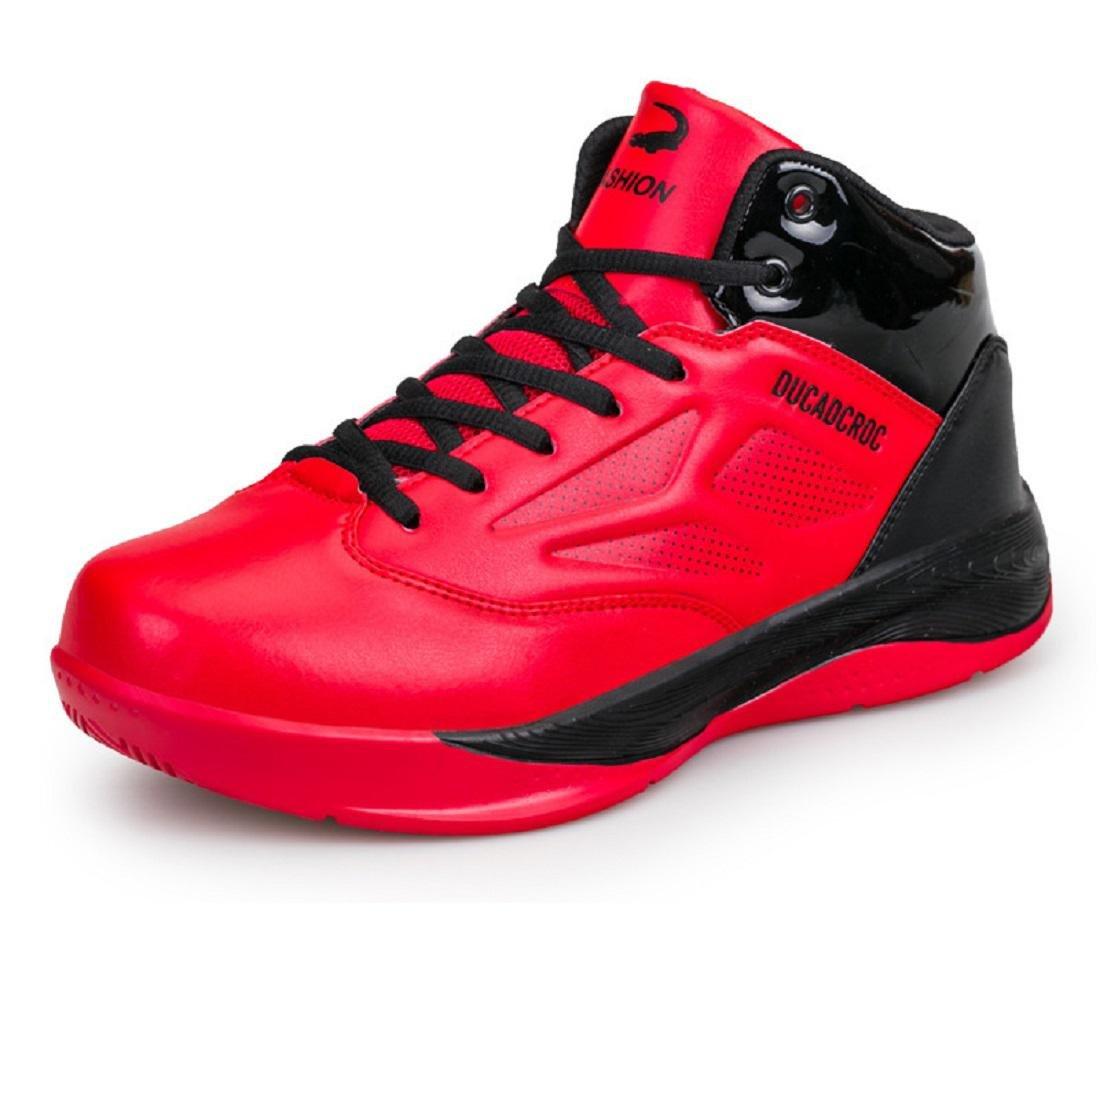 Herren Mode Sportschuhe Laufschuhe Basketball Schuhe Trainer Fussballschuhe Rutschfest Atmungsaktiv Erhöht Draussen EUR GRÖSSE 38-46